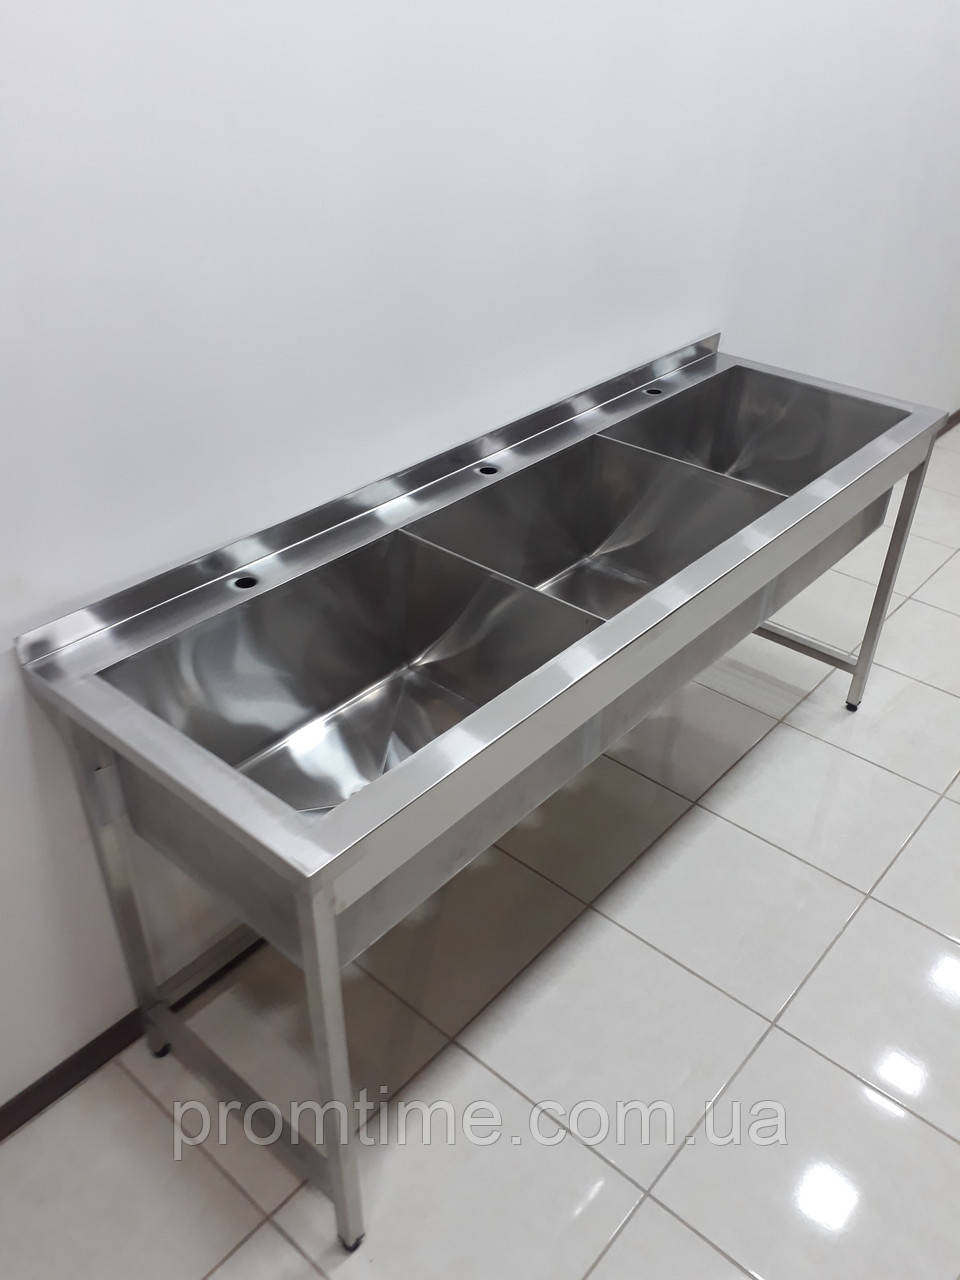 Ванна моечная из нержавеющей стали 1900х600х850